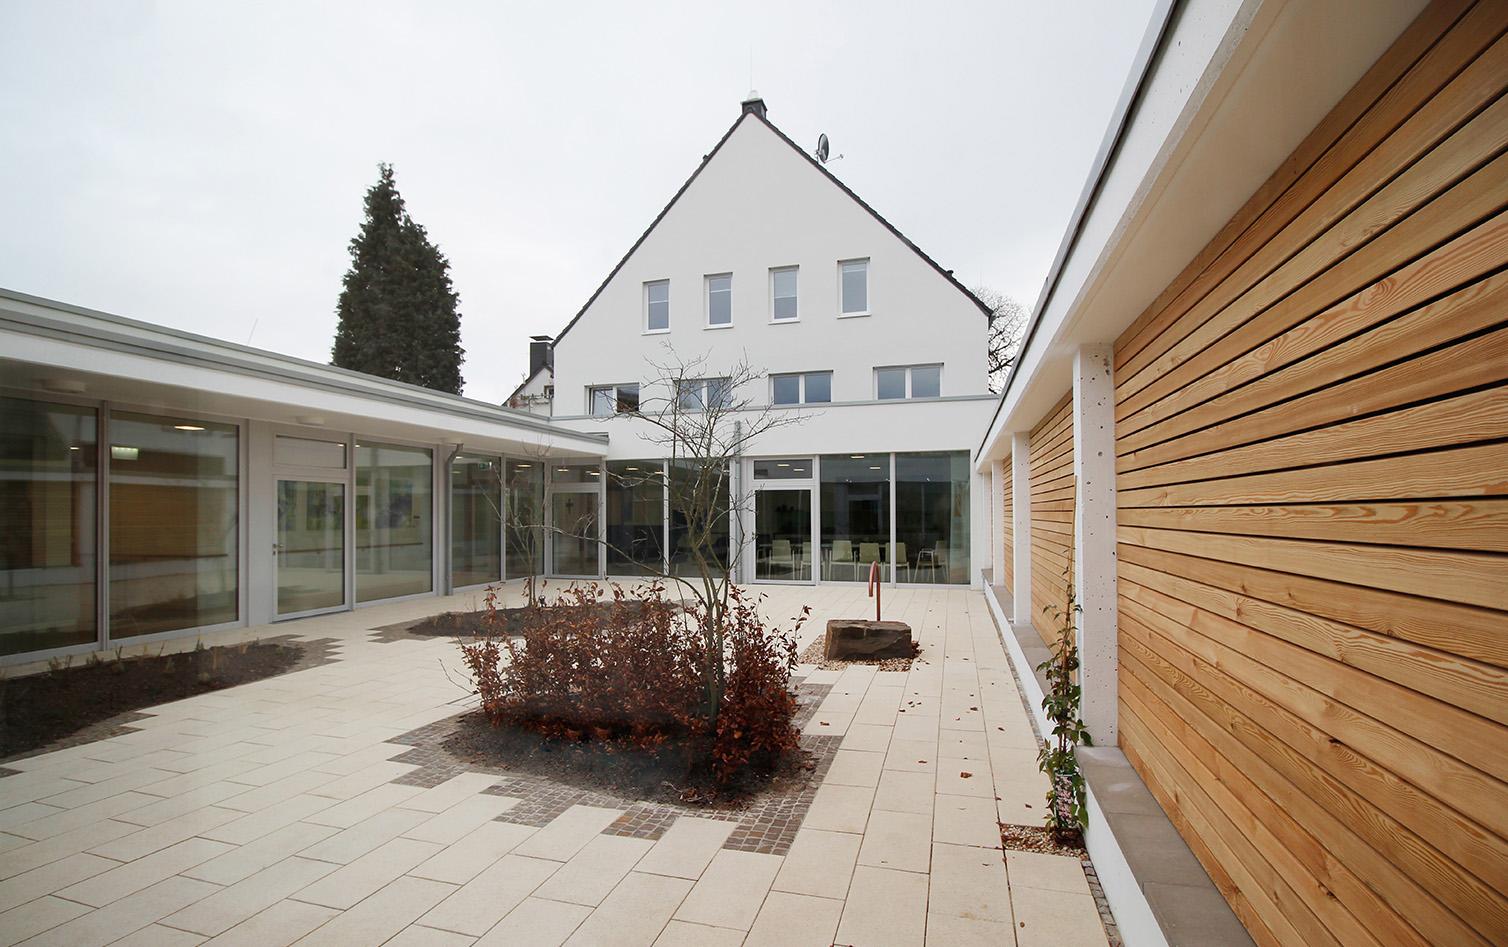 H-G-Hospiz Unna_Ansicht Gartenhof 1